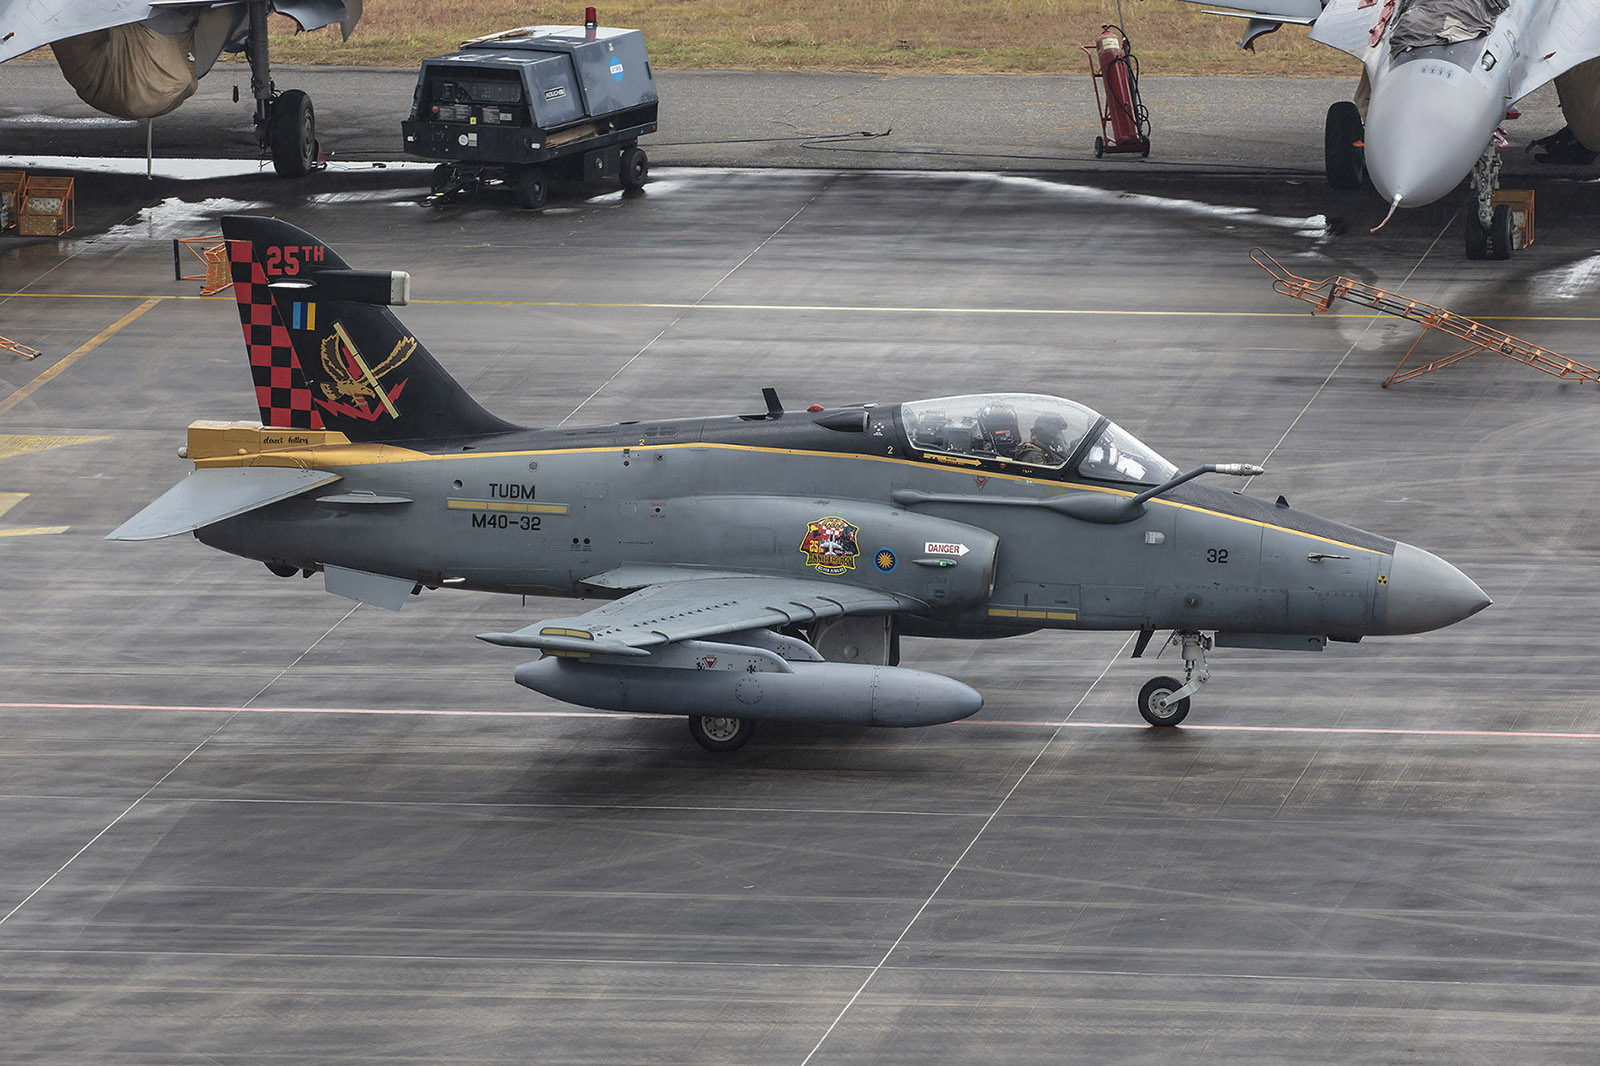 BAe Hawk MK.208 aus Labuan auf Borneo.